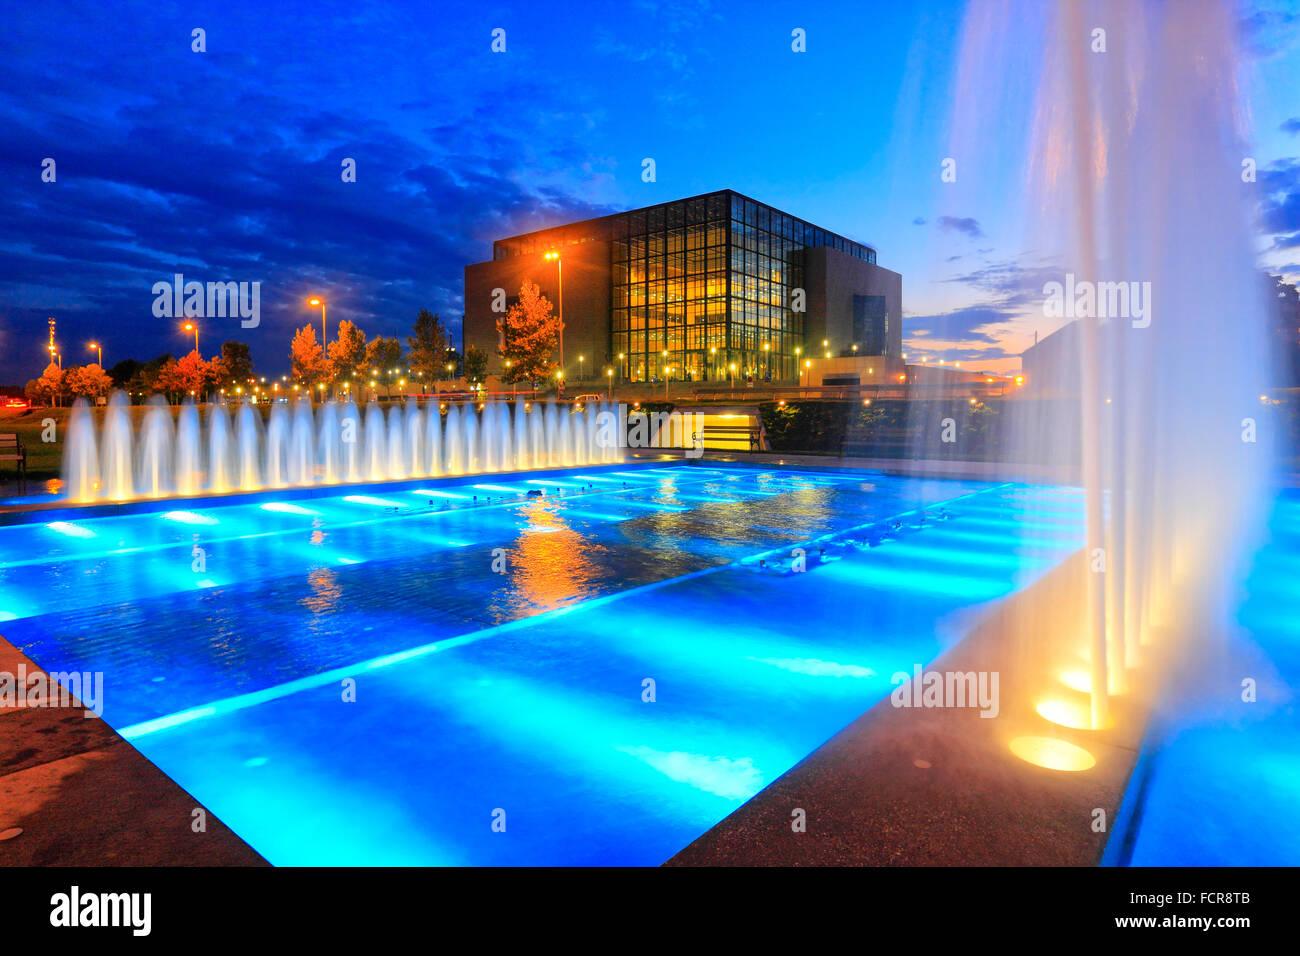 Nuova biblioteca nazionale di Zagabria di notte con fontane illuminate di fronte. Immagini Stock